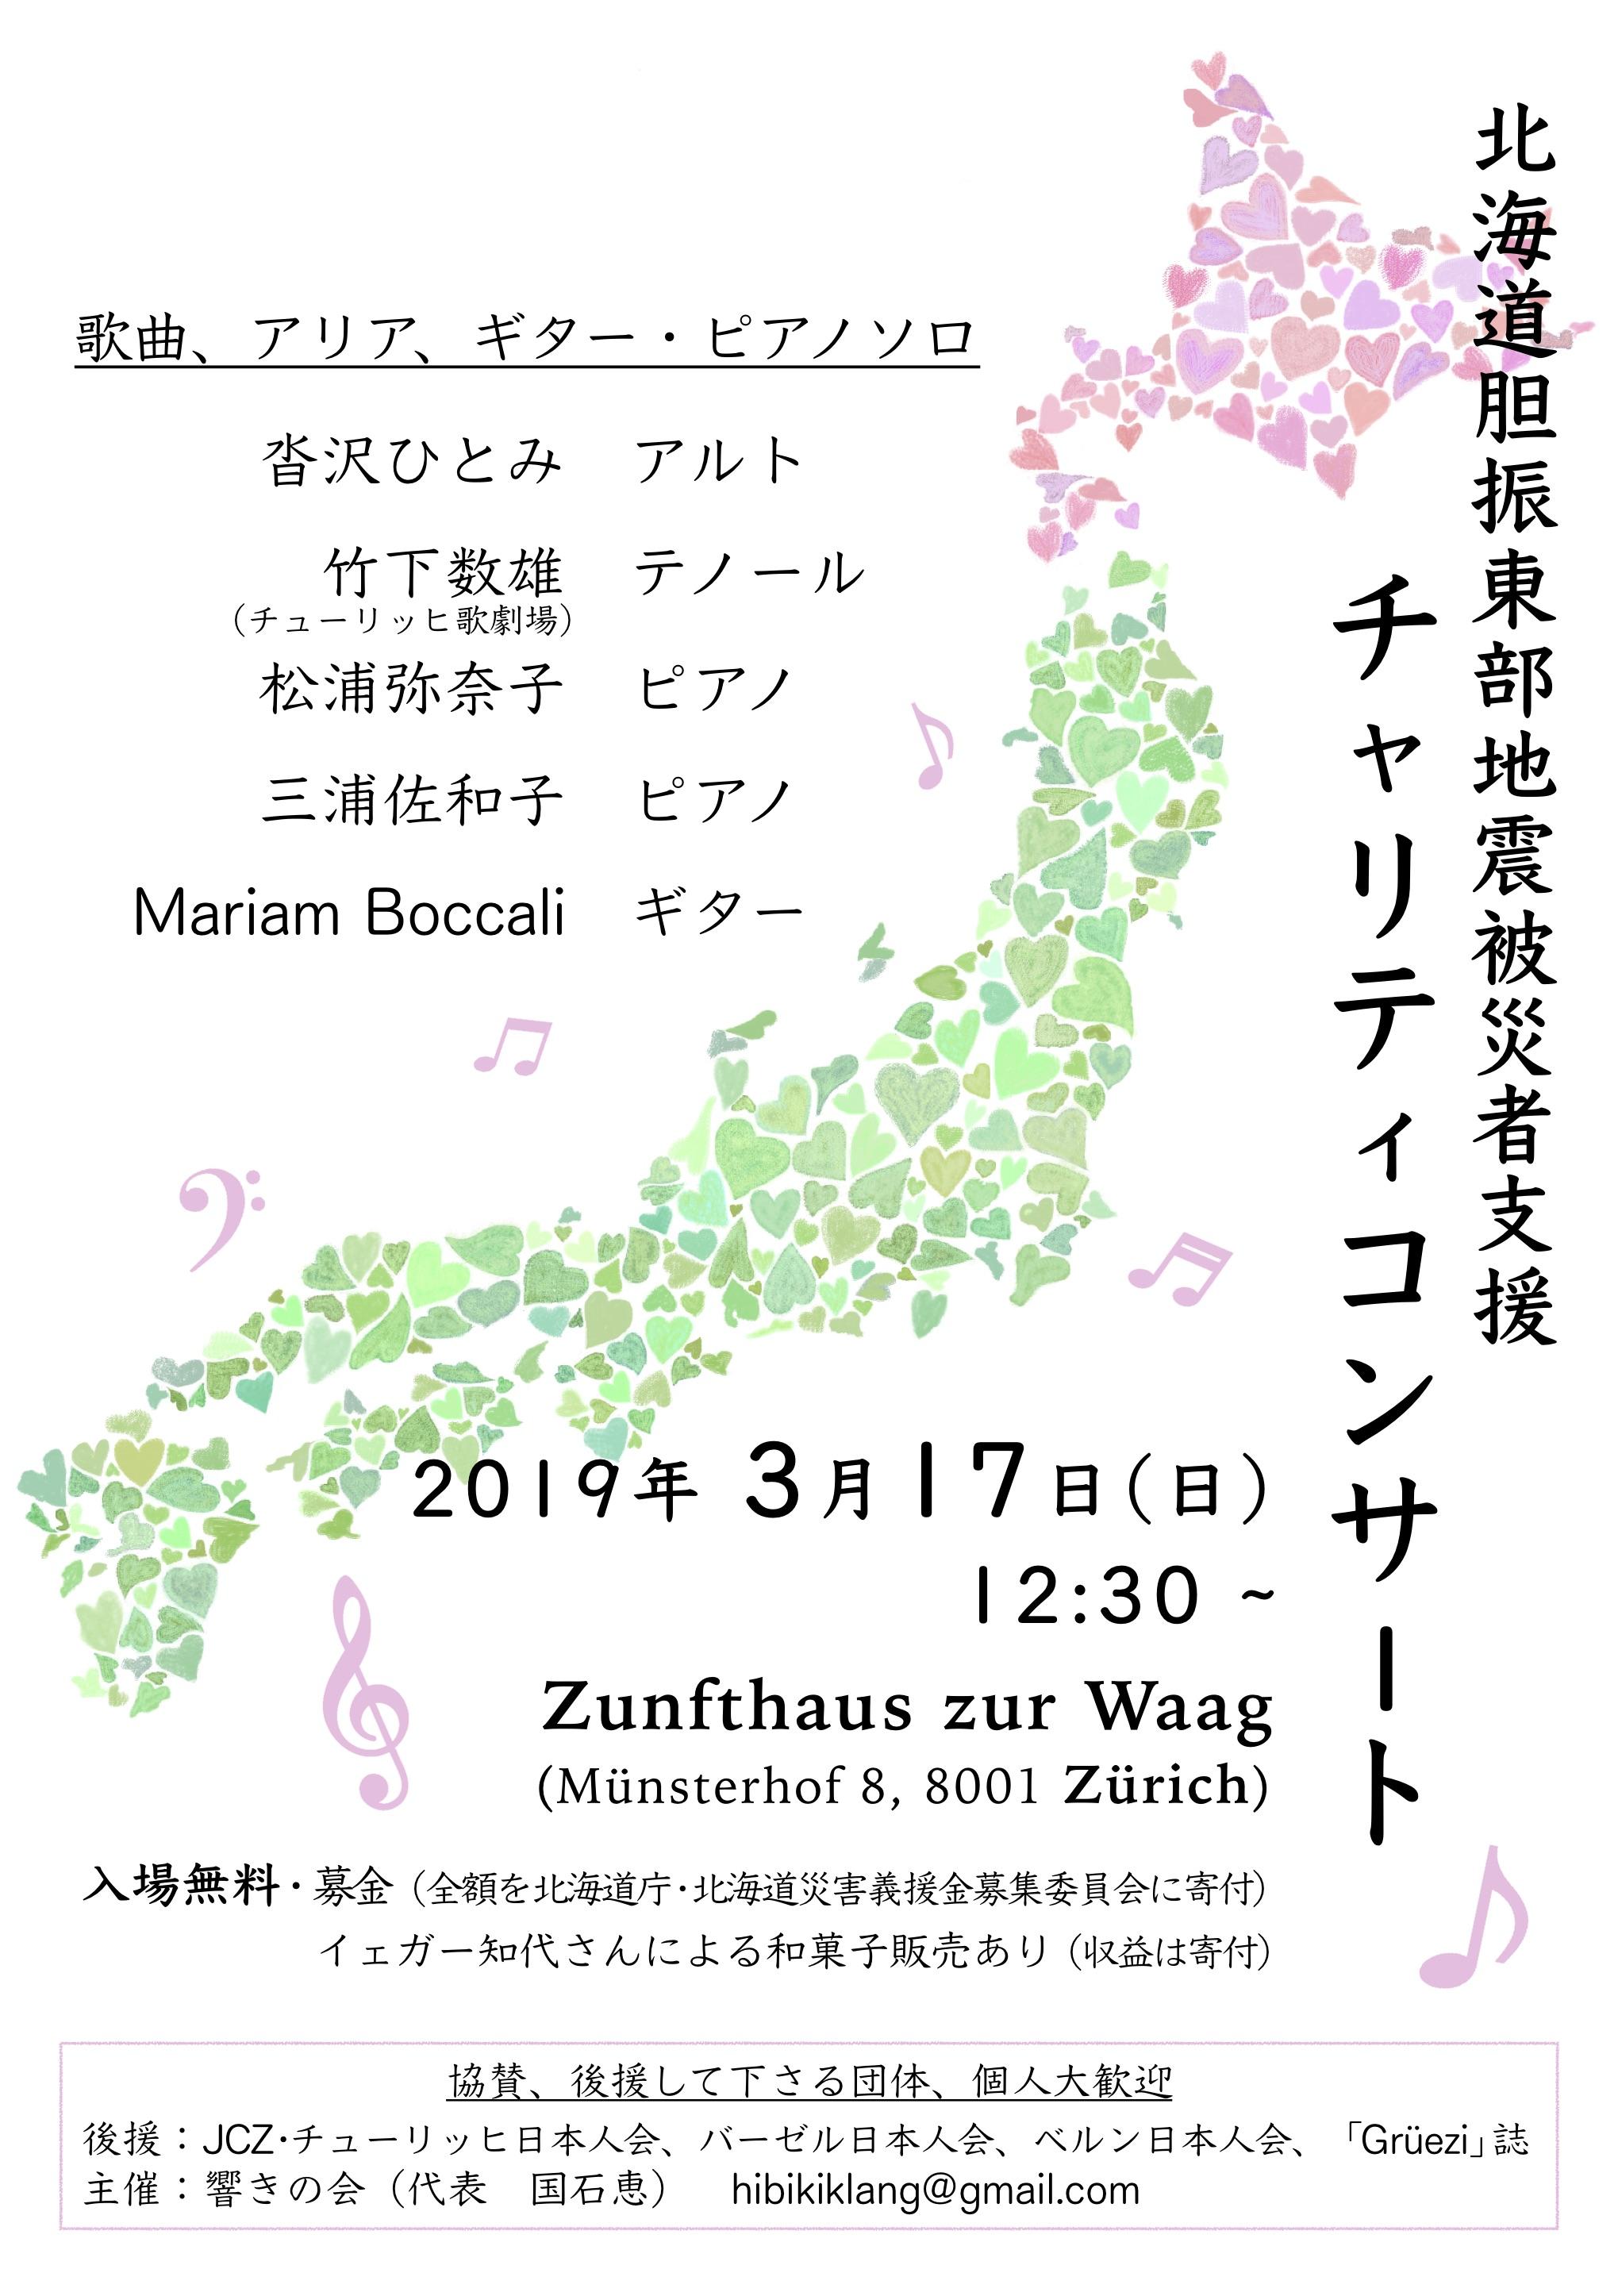 北海道胆振東部地震被災者支援チャリティコンサートのお知らせ